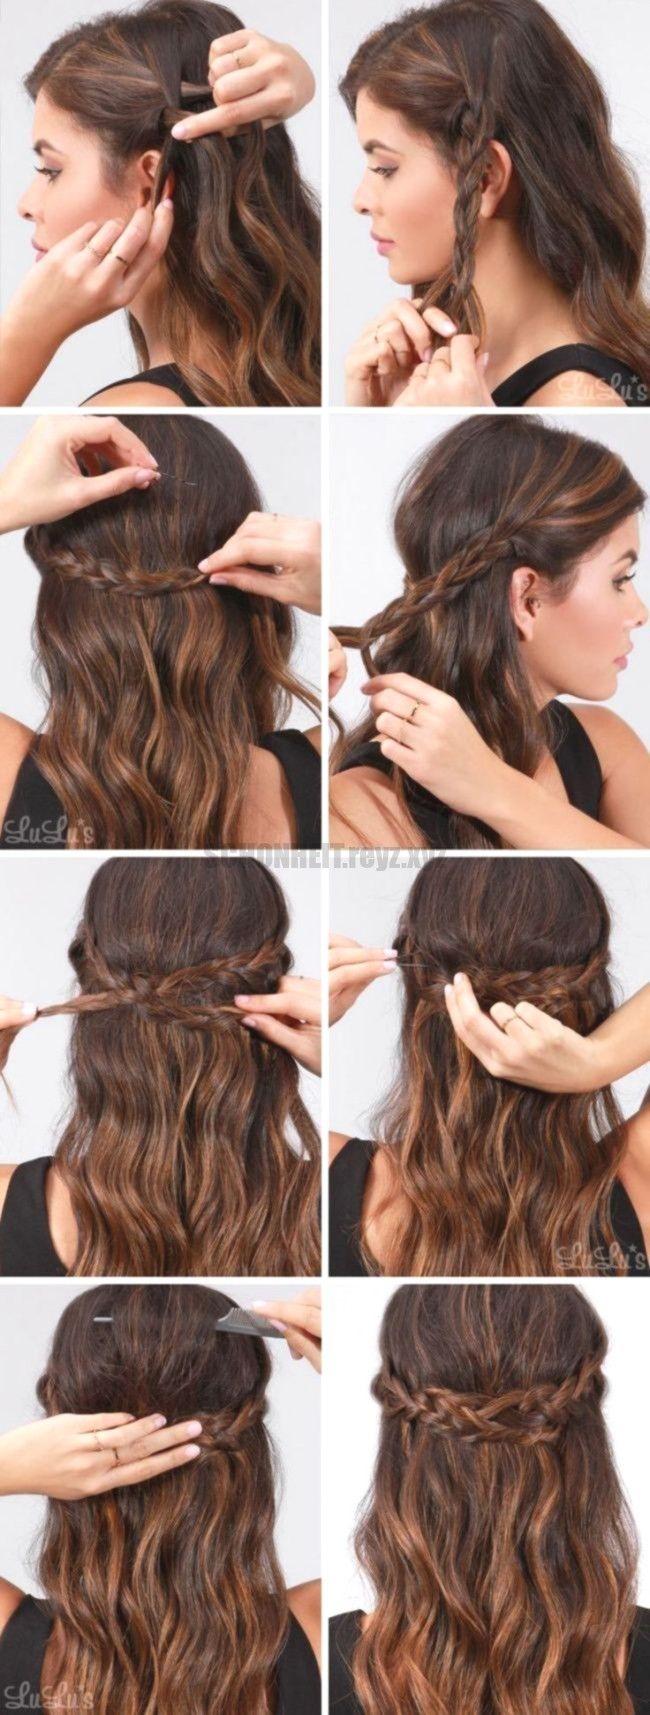 Schnelle Einfache Formale Party Frisuren Fur Lange Haar Diy Ideen 2018 Mittellange Haare Frisuren Einfach Lange Haare Coole Frisuren